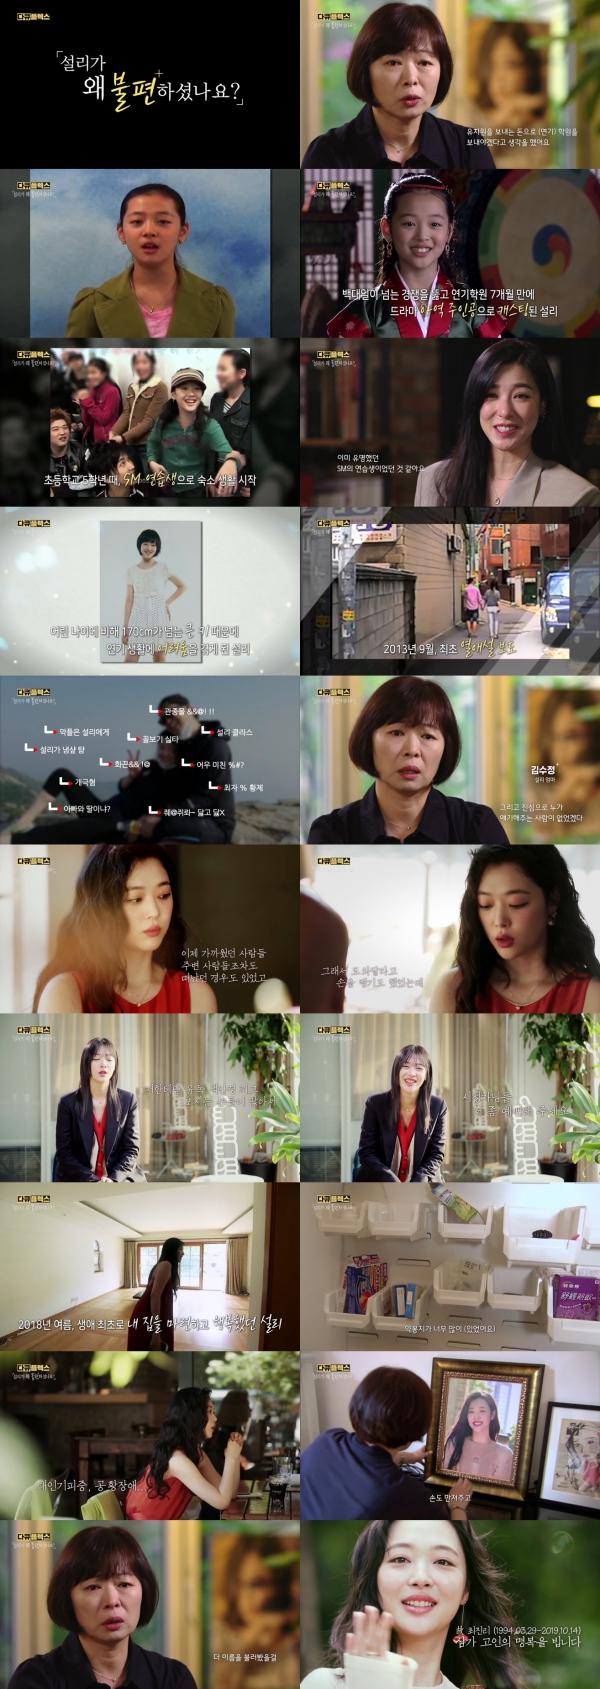 10일 방송된 MBC TV '다큐플렉스 - 설리가 왜 불편하셨나요?' ⓒMBC